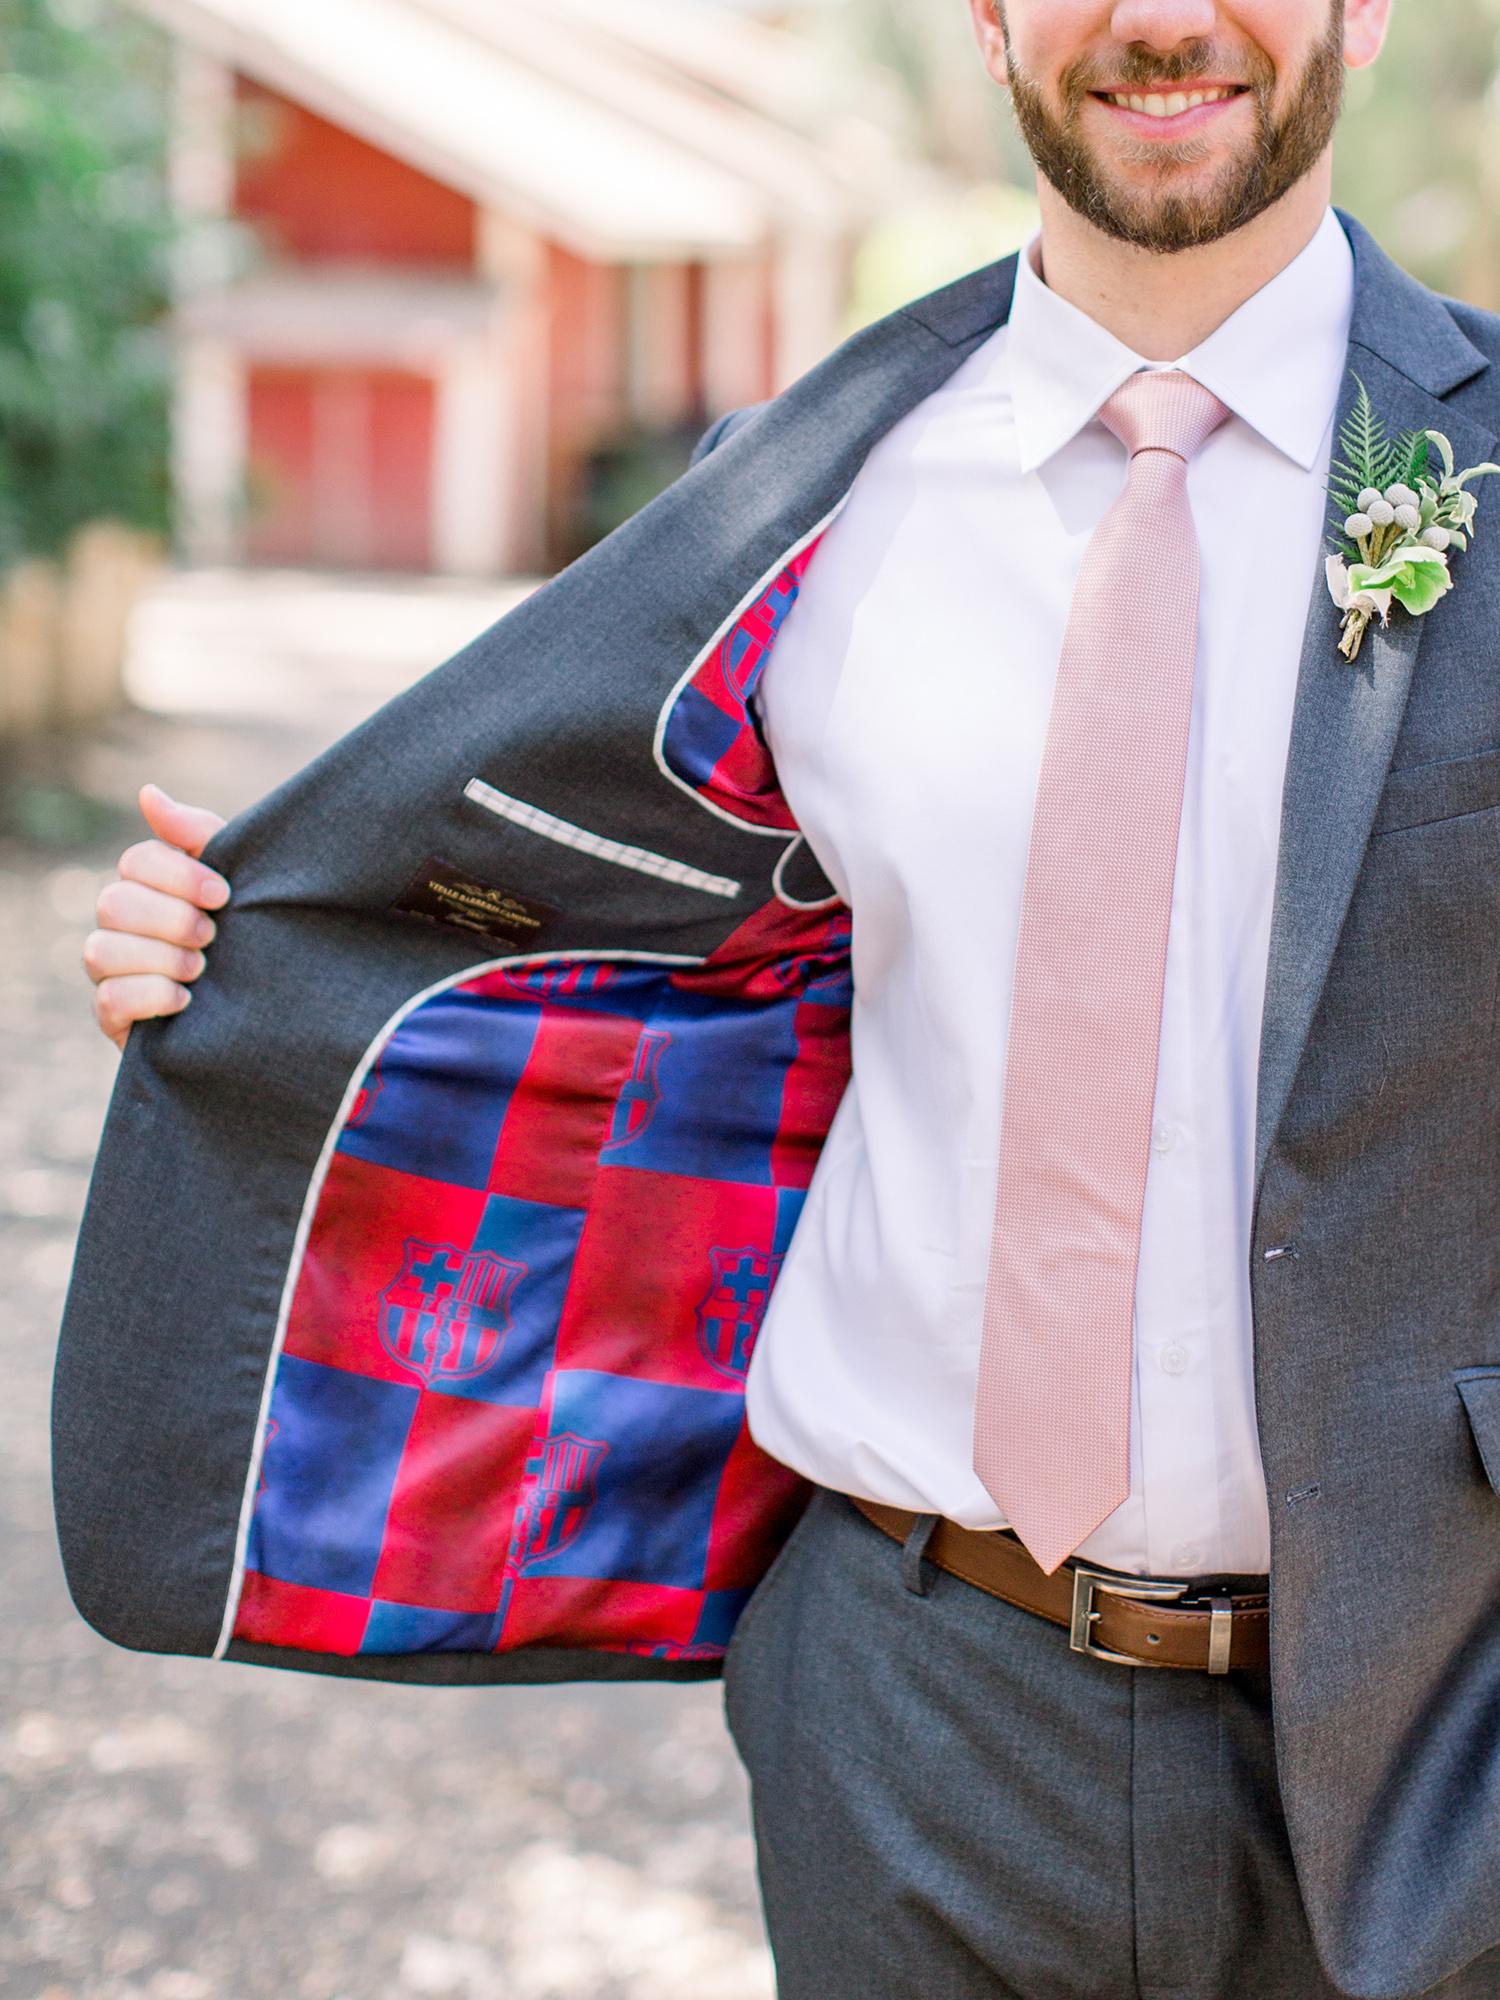 lauren aaron wedding groom fc barcelona suit